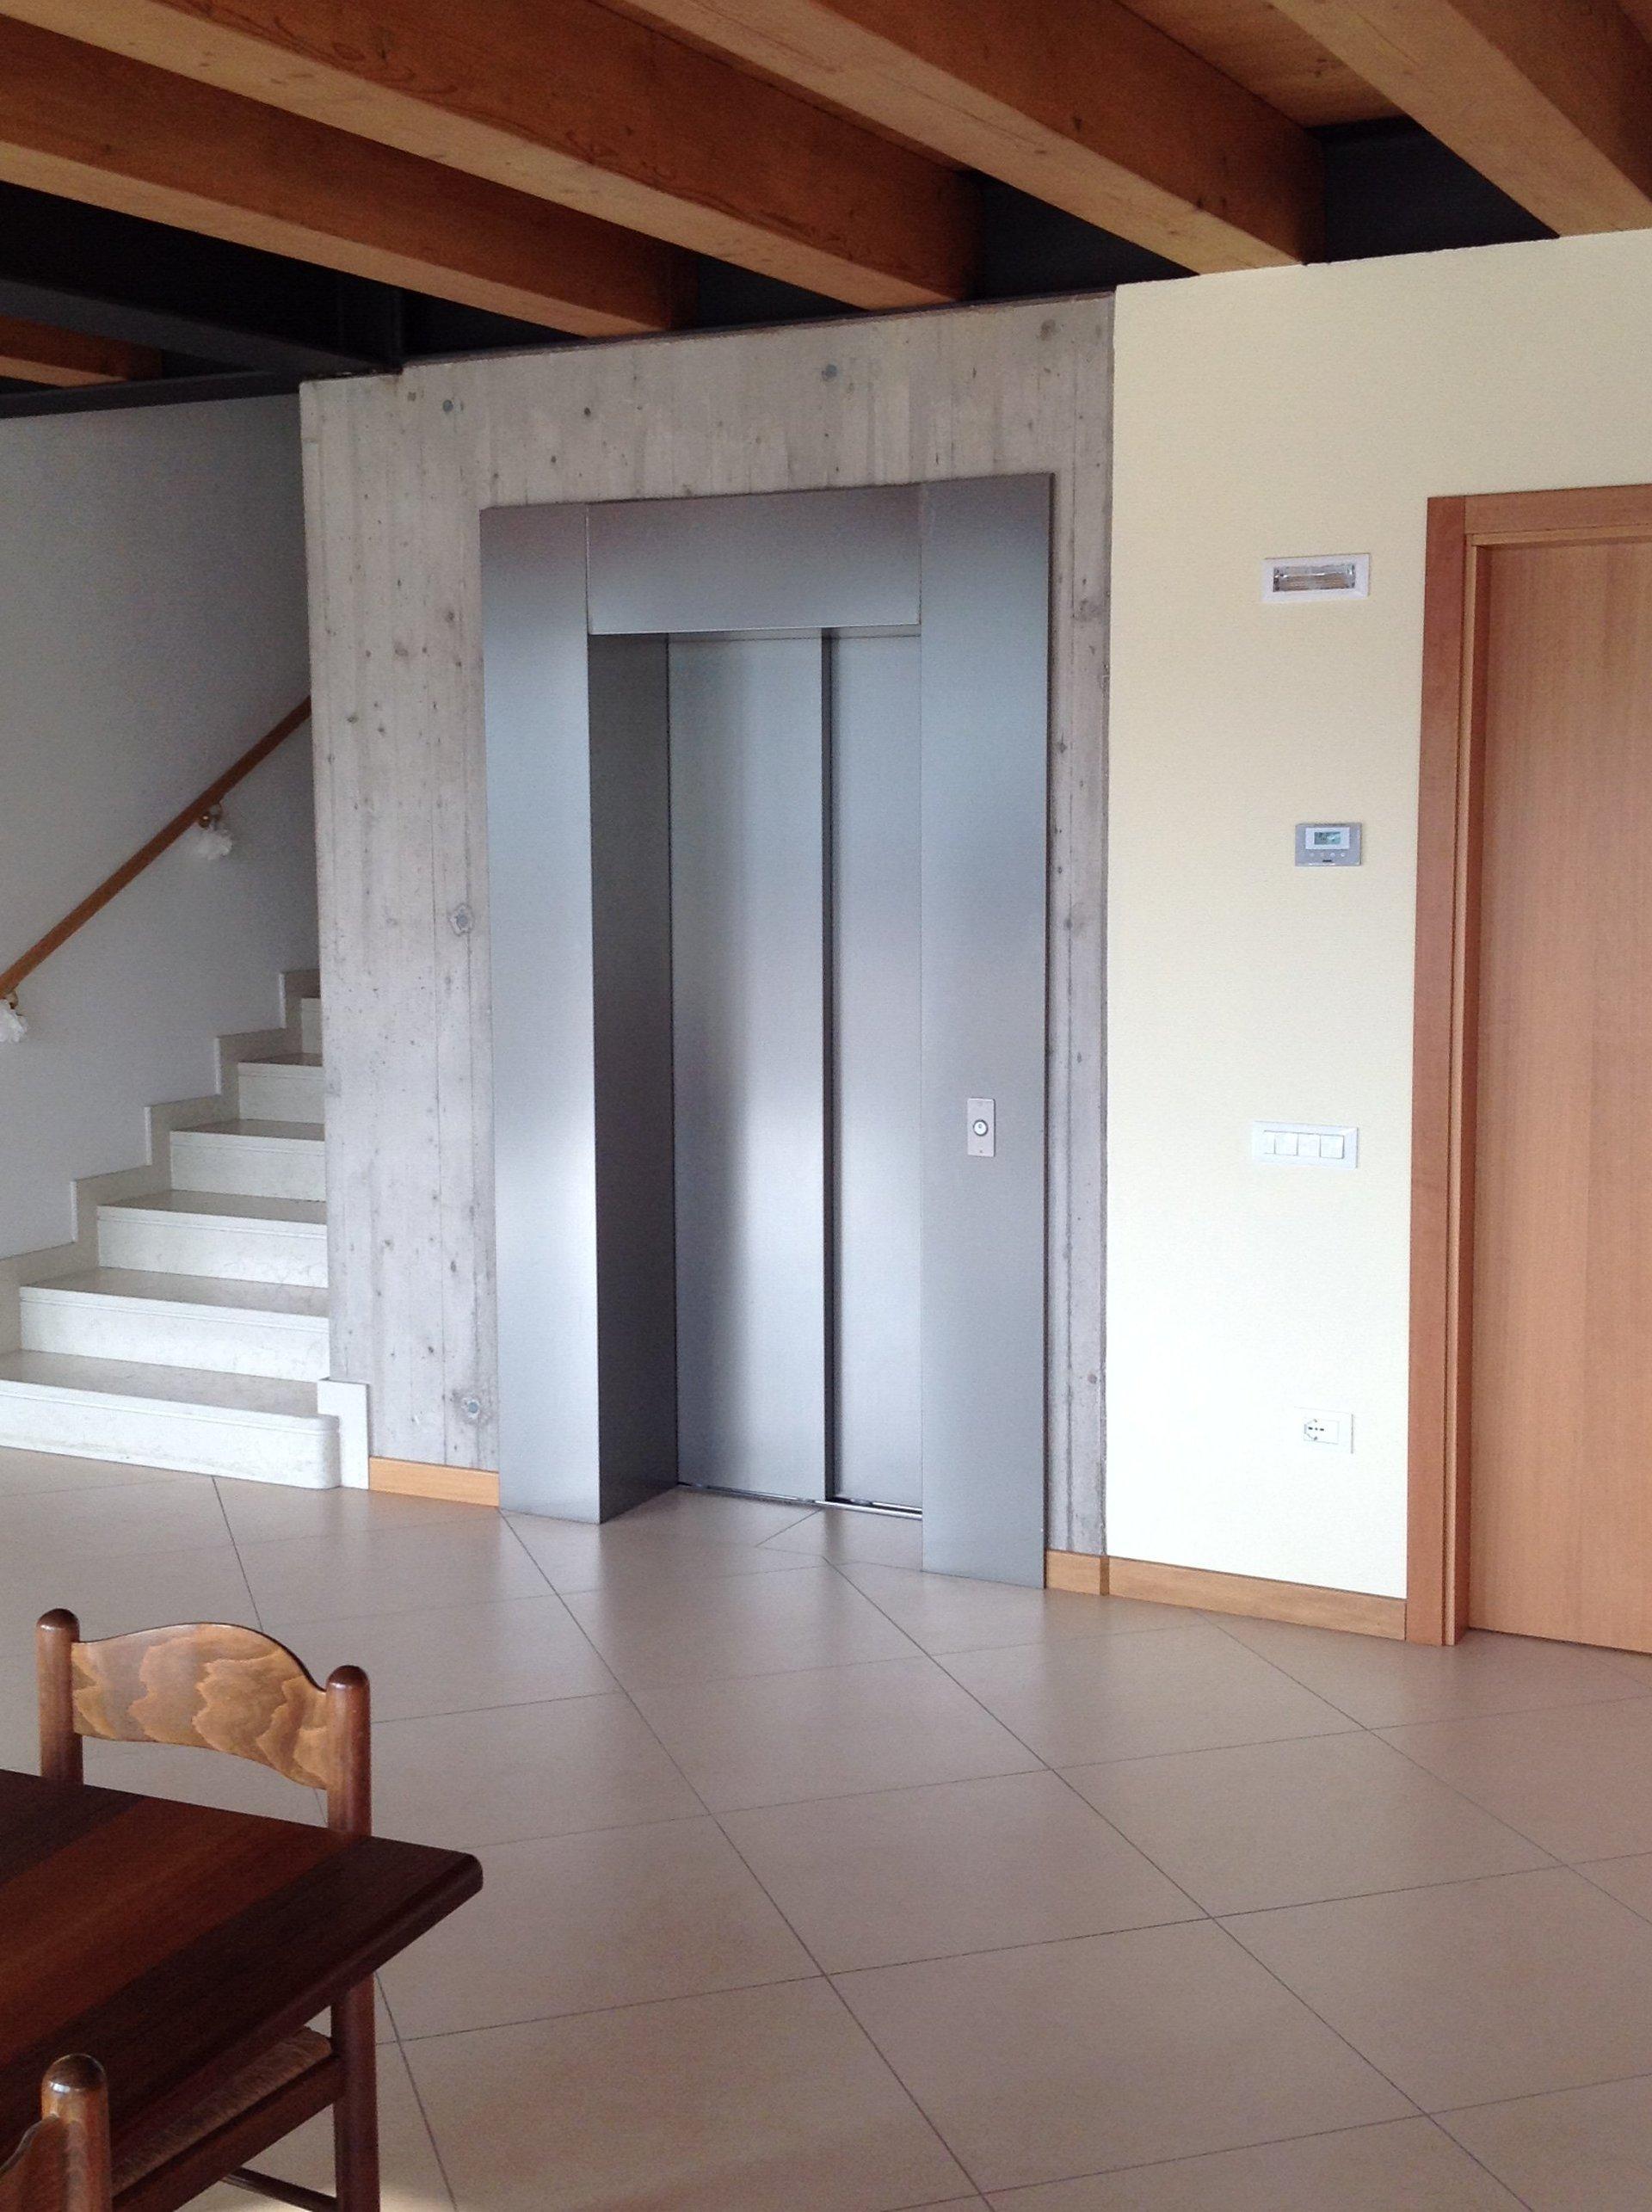 ascensore con scale di un edificio